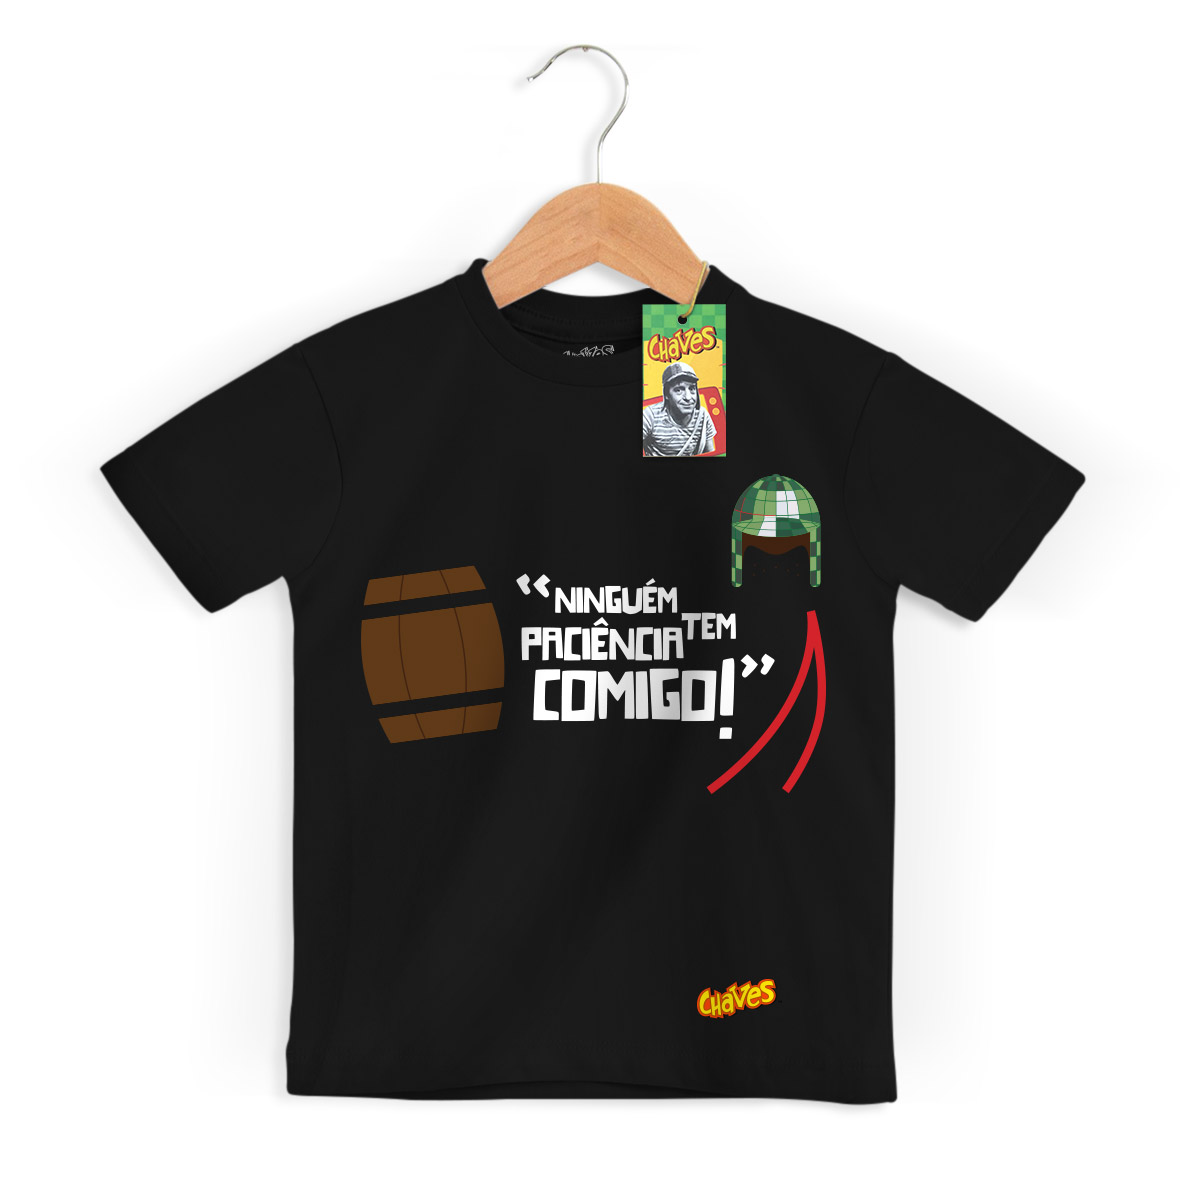 Camiseta Infantil Chaves Ninguém Tem Paciência Comigo! 3